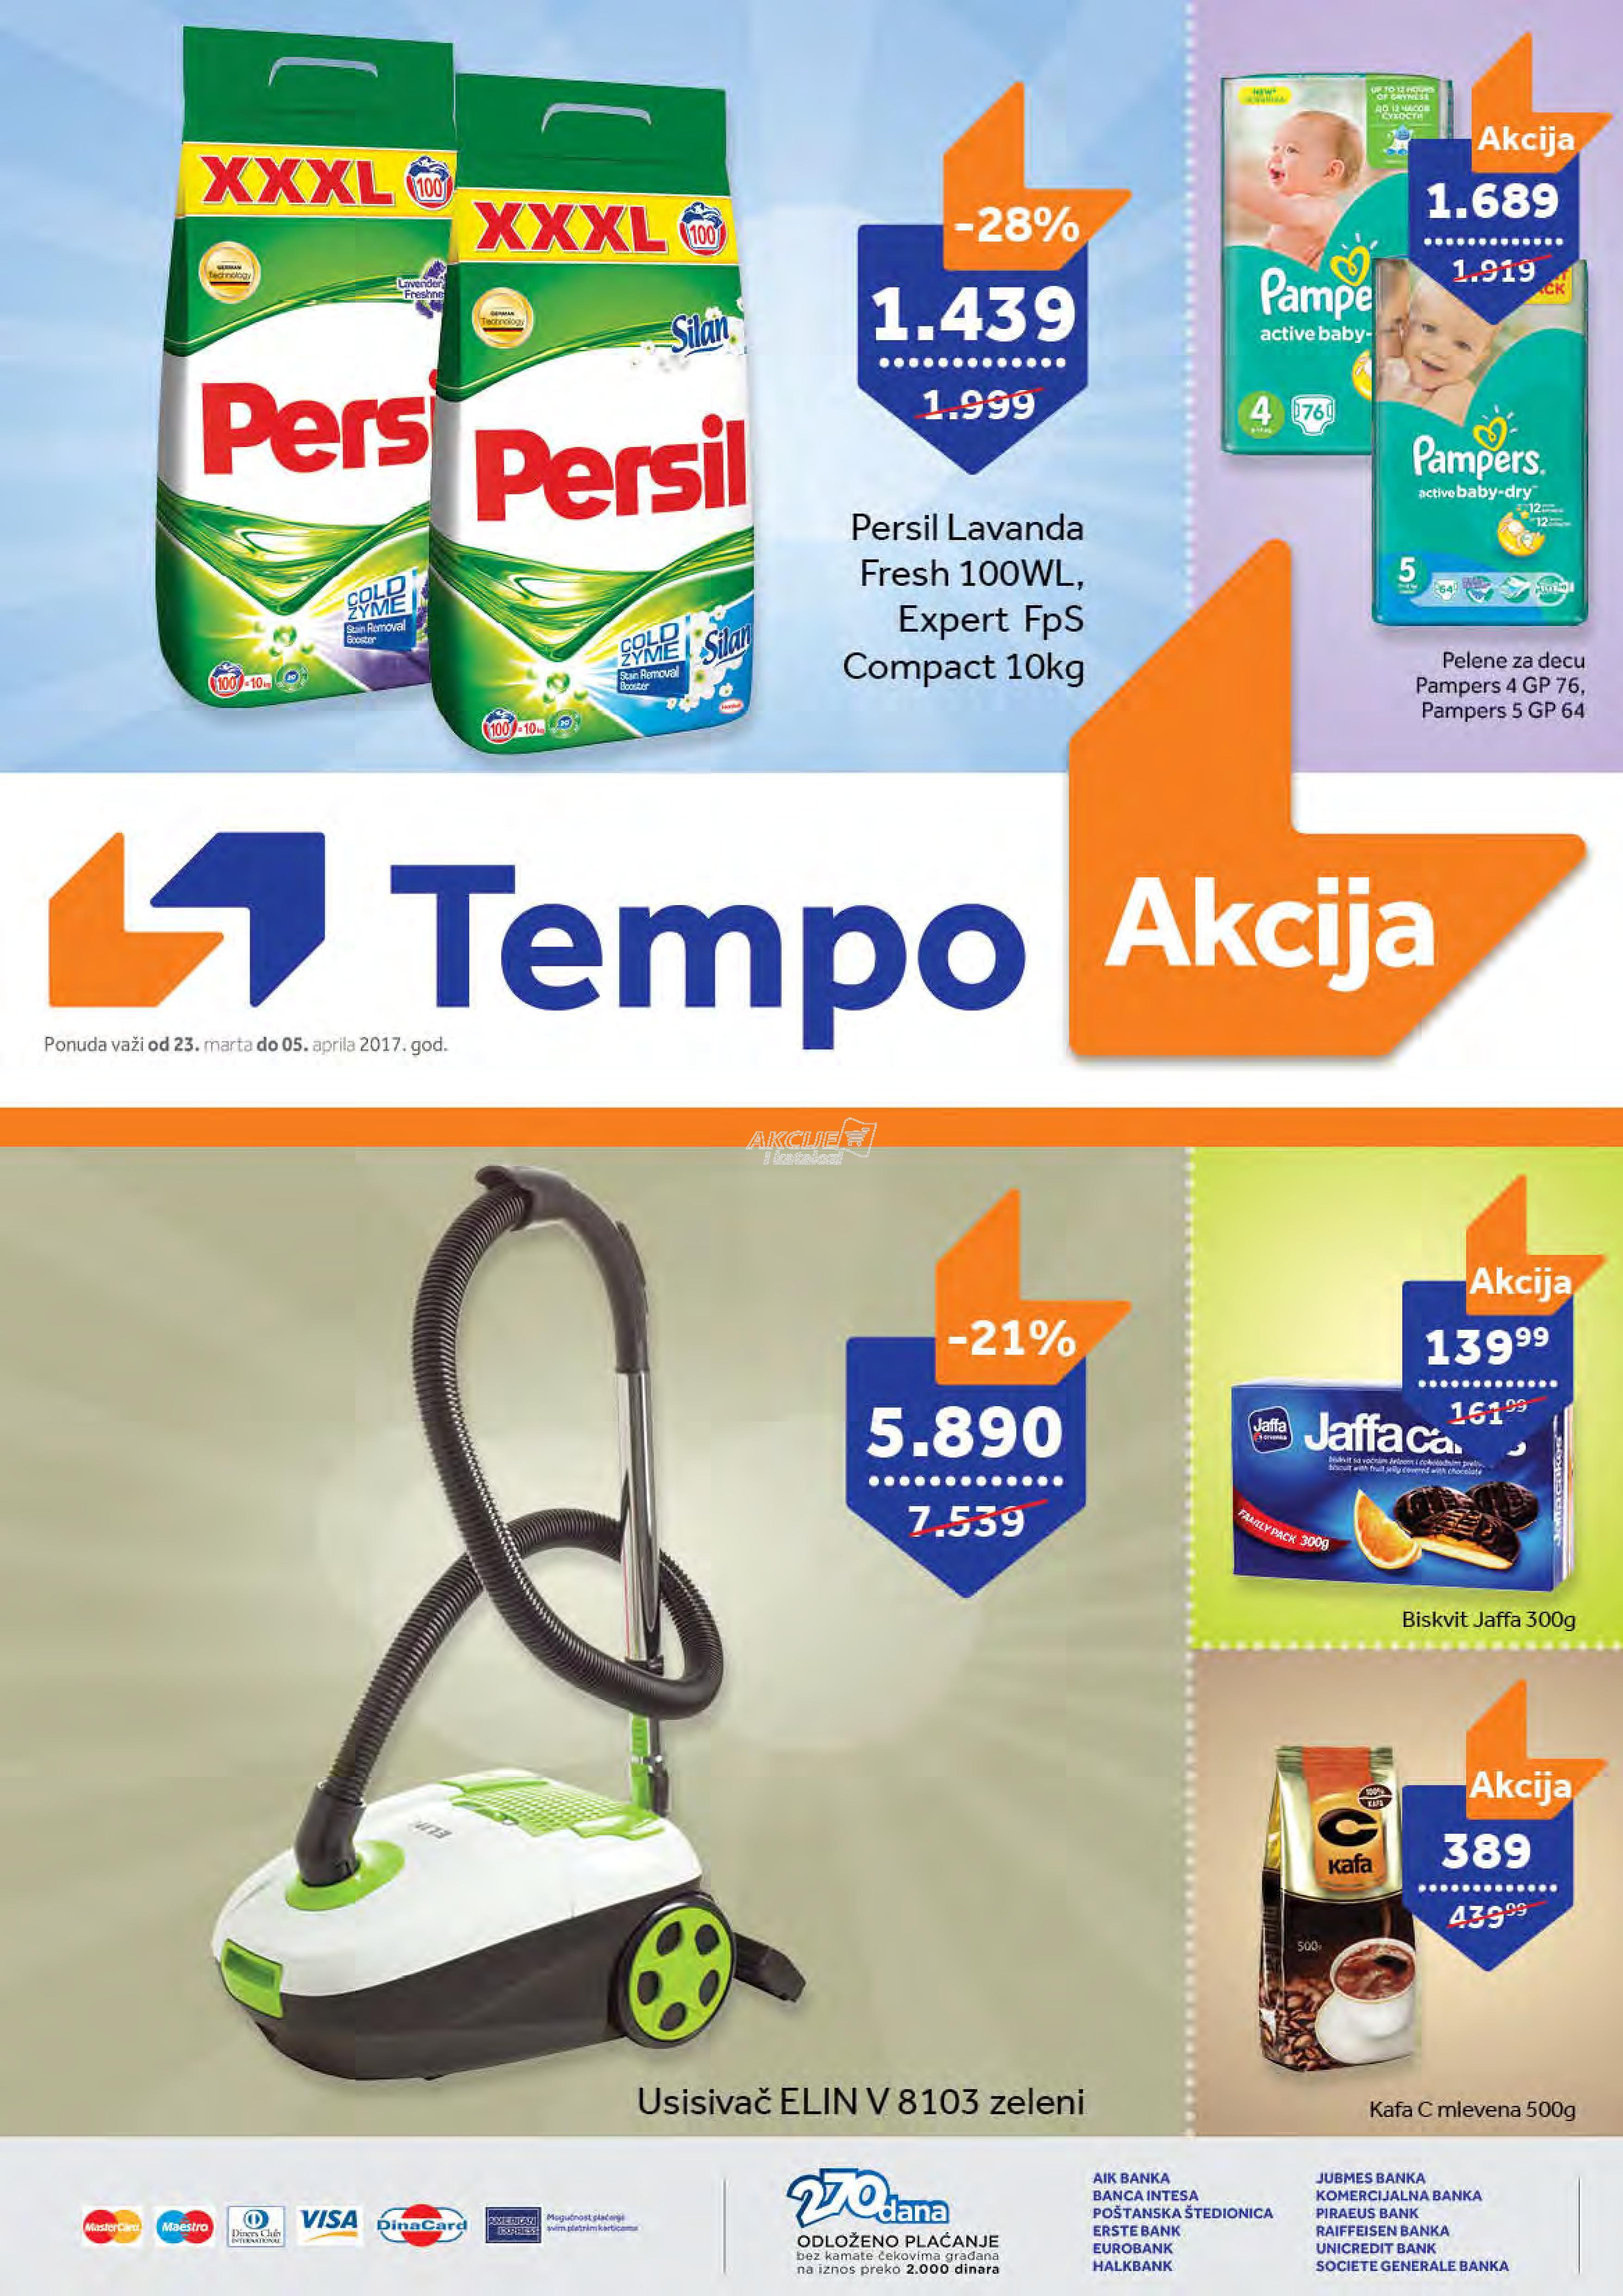 Tempo - Redovna akcija super kupovine